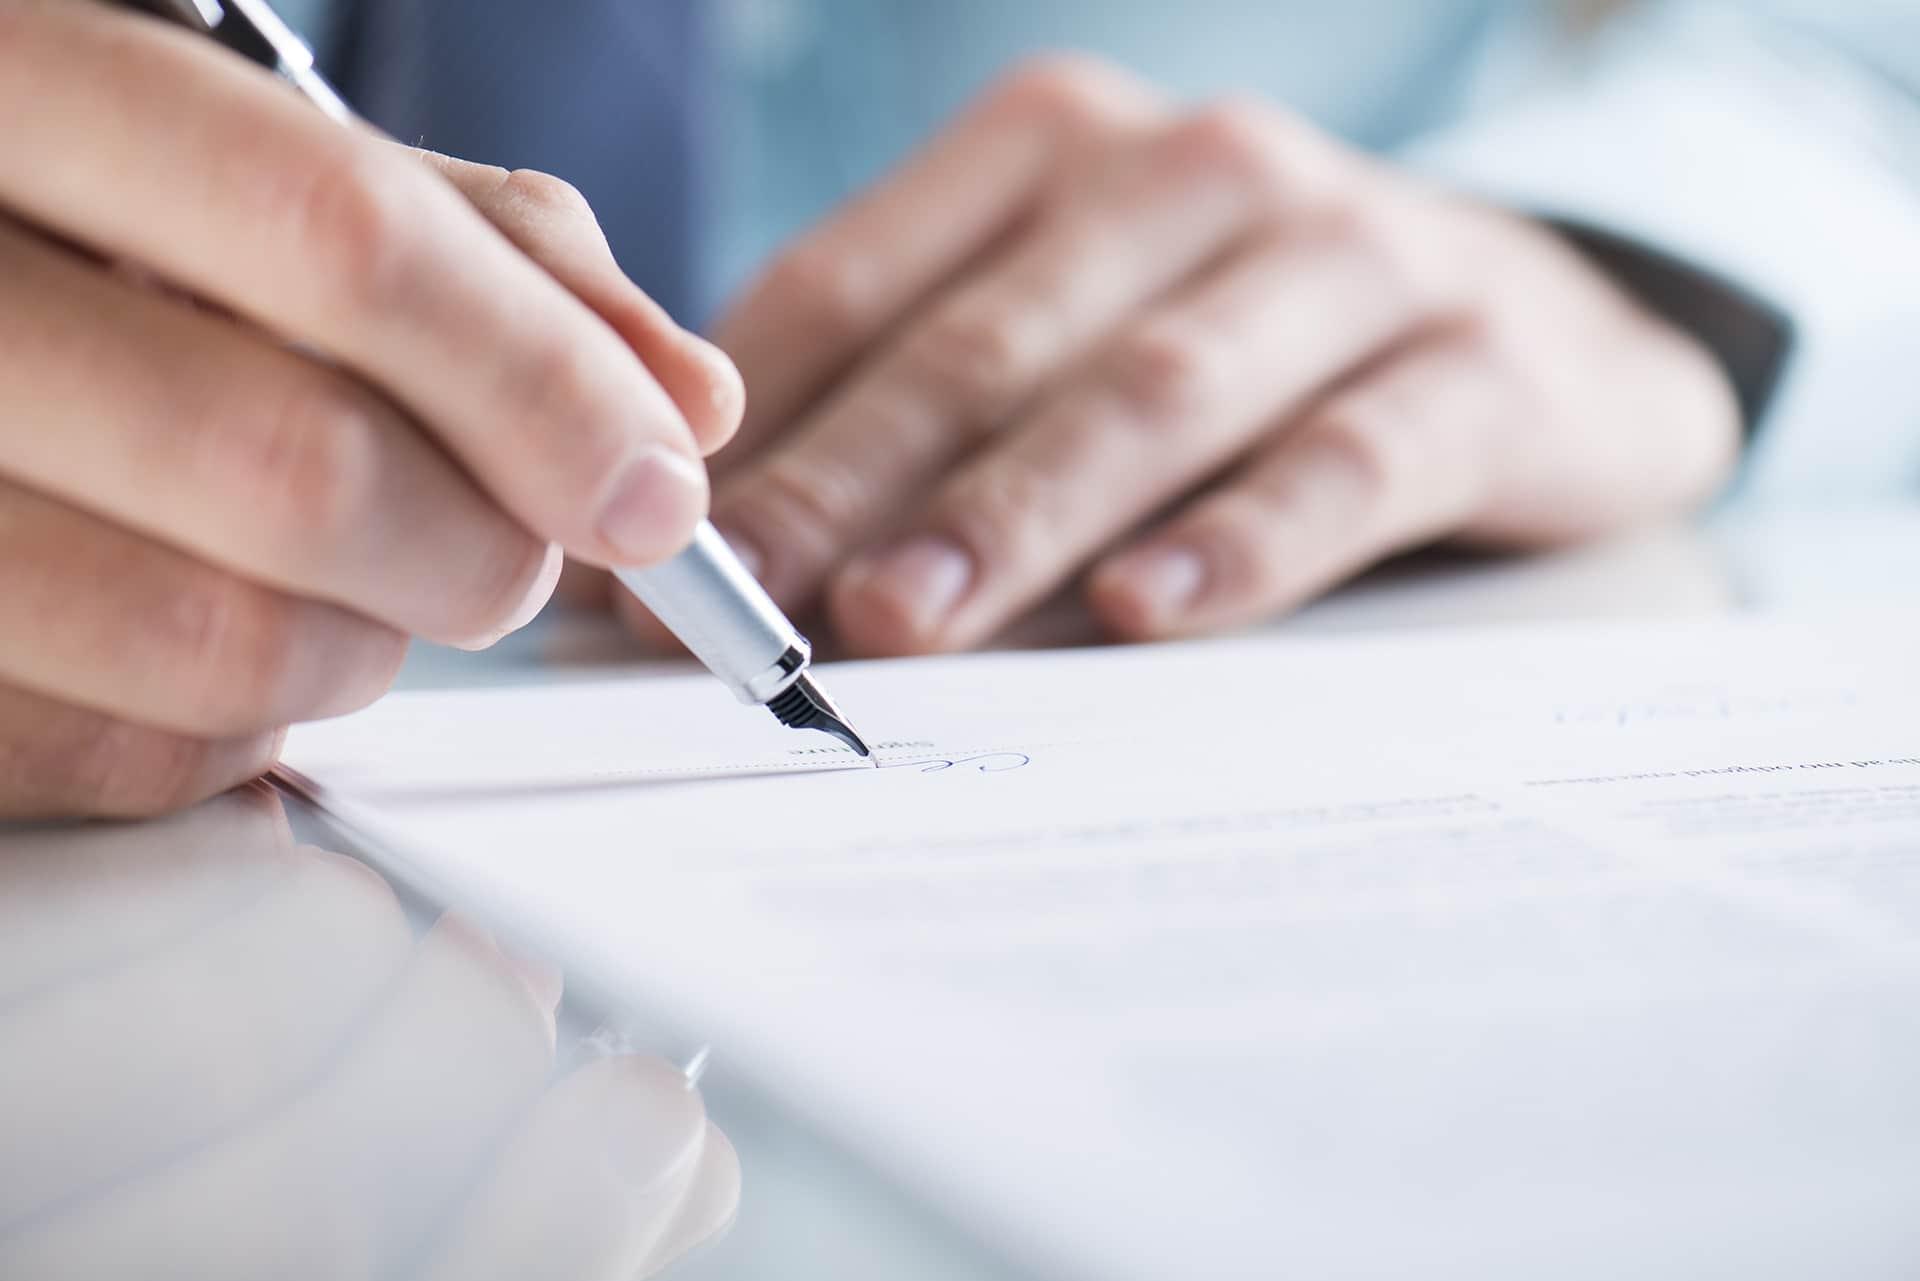 Что правообладателю программы ЭВМ предусмотреть в лицензионном договоре